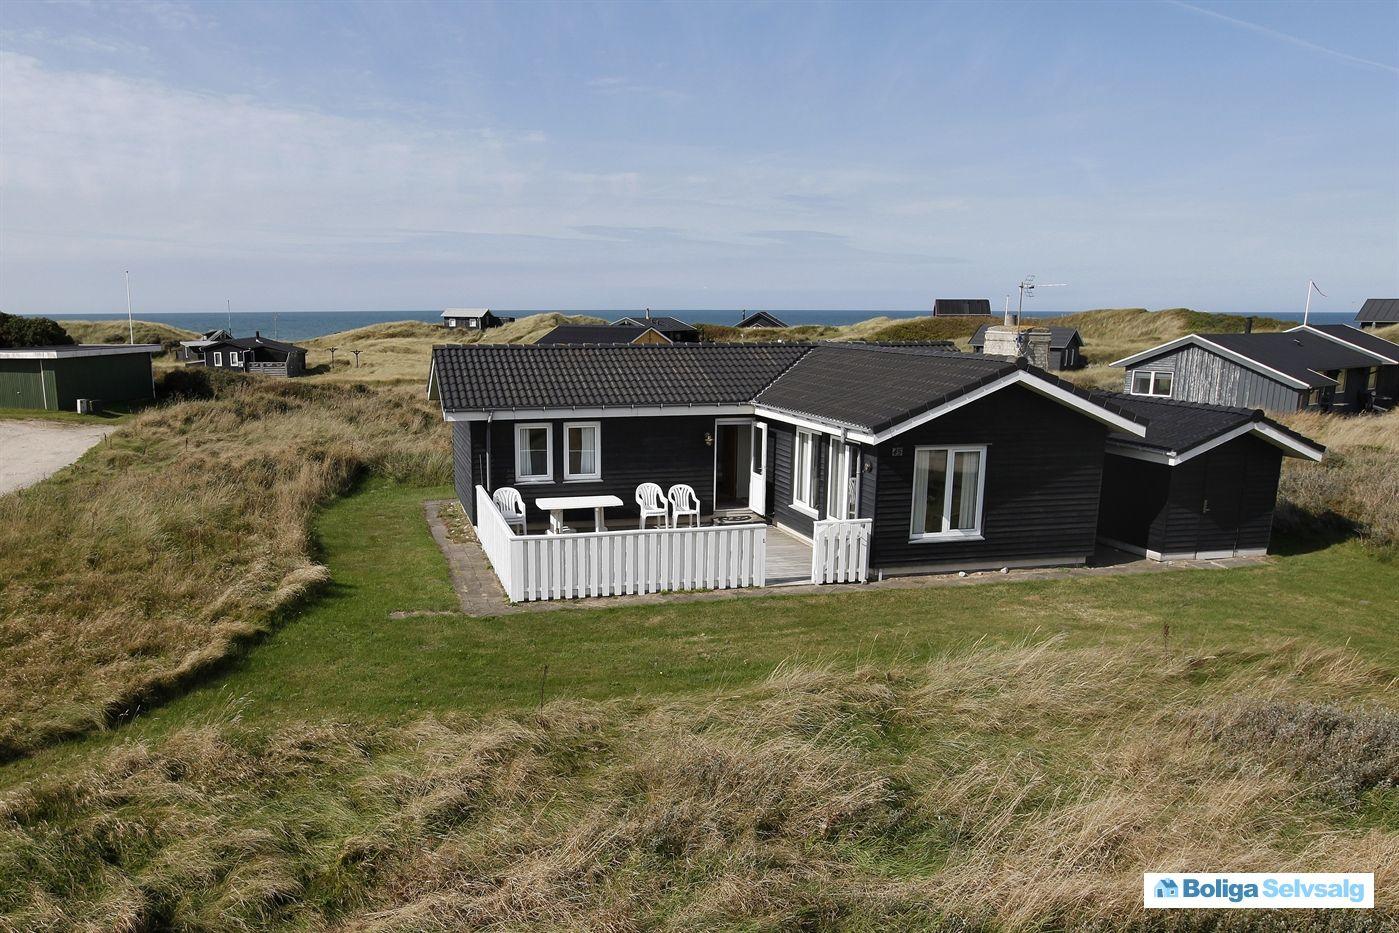 Harerenden 45, Lønstrup, 9800 Hjørring - Lønstrup - havkig/udsigt, attraktivt område, super kystsikring. #fritidshus #sommerhus #lønstrup #hjørring #selvsalg #boligsalg #boligdk